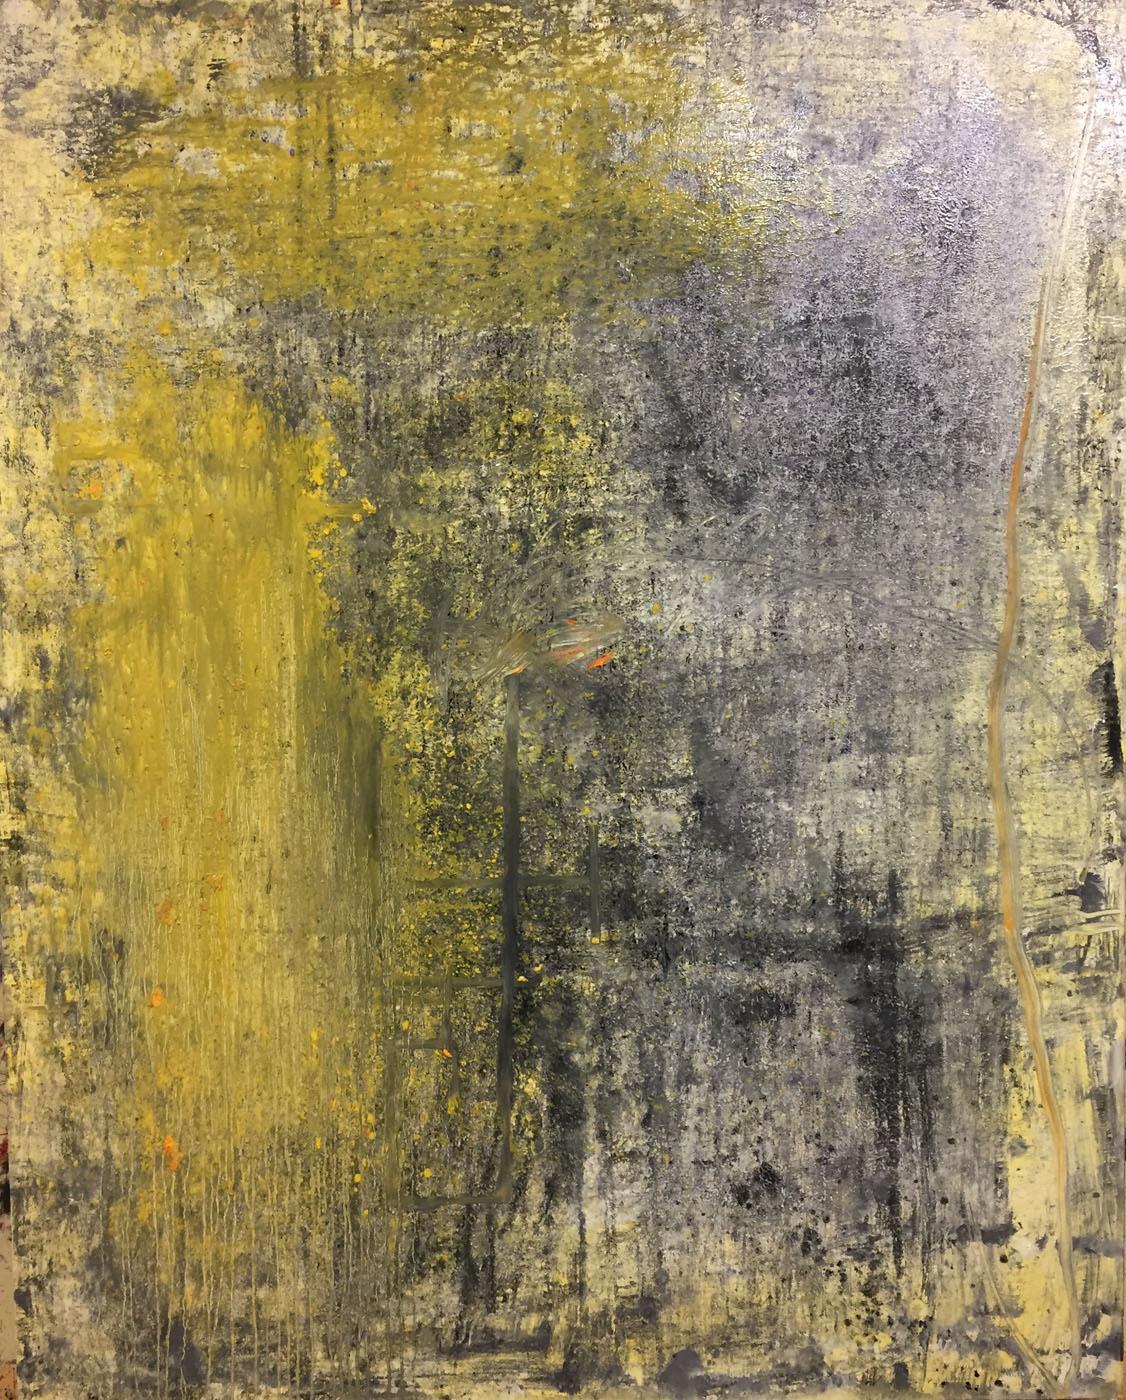 MARC FELD 2020 DÉCANTATION Huile, acrylique et mine de plomb sur toile 160 x 200 cm